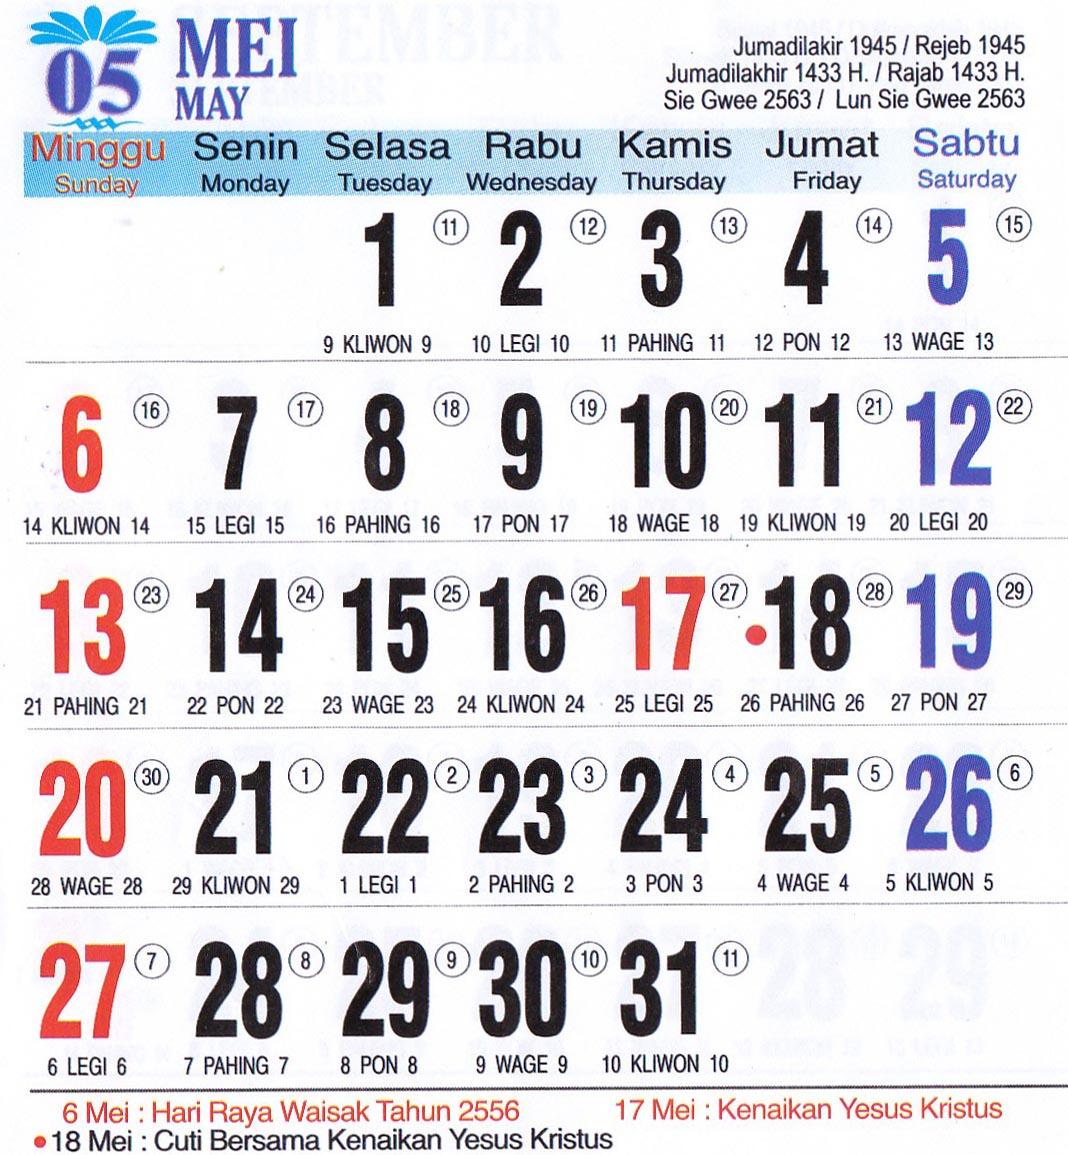 Kalender Tahun 2012 : Masehi, Kalender Islam, Kalender Jawa, Kalender